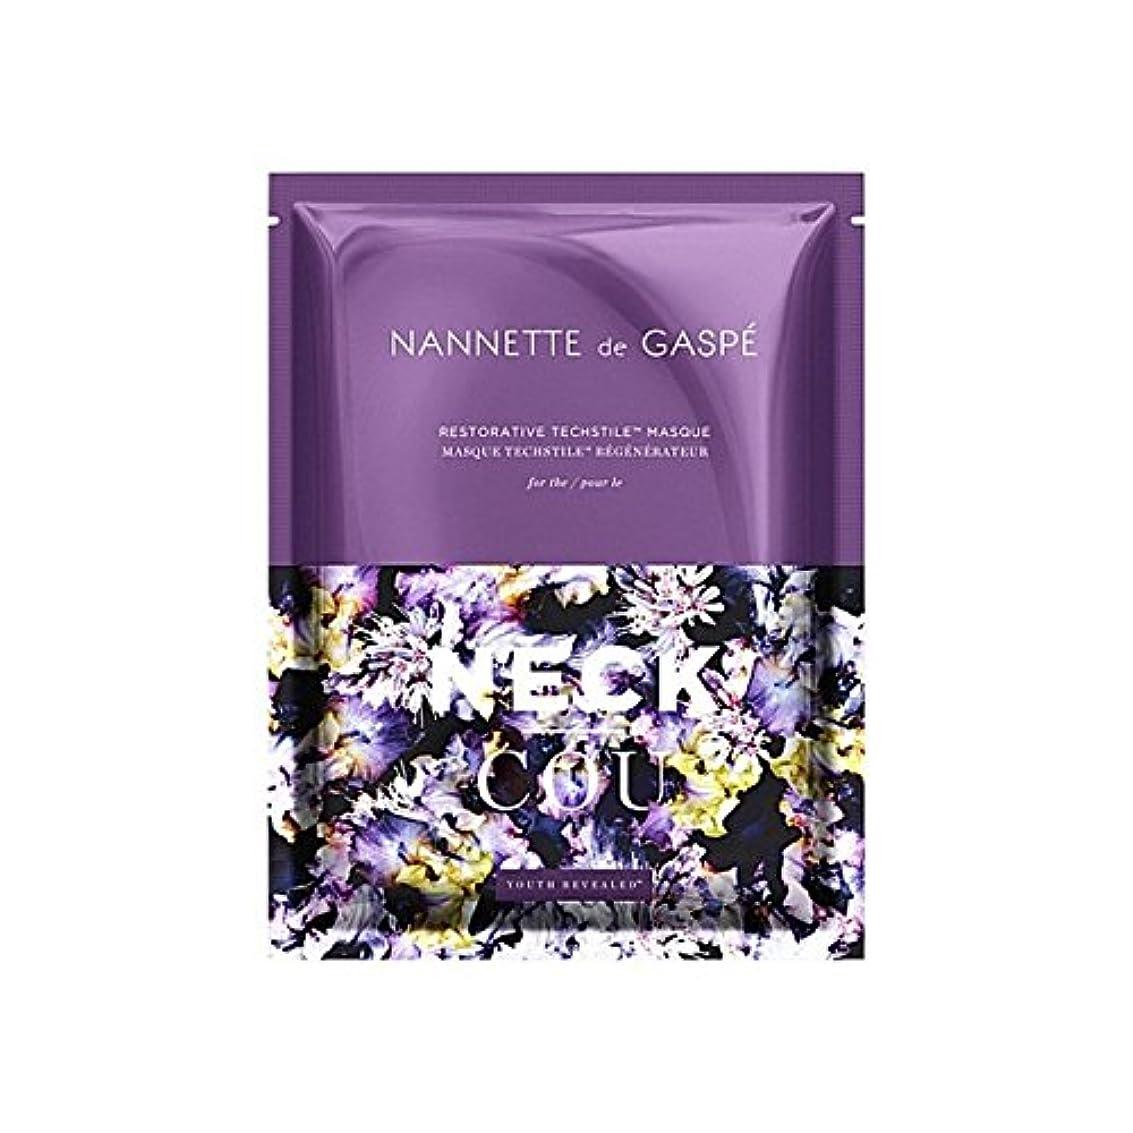 ヒューズ死すべきつまらないデガスペ修復首の仮面劇 x4 - Nannette De Gaspe Restorative Techstile Neck Masque (Pack of 4) [並行輸入品]